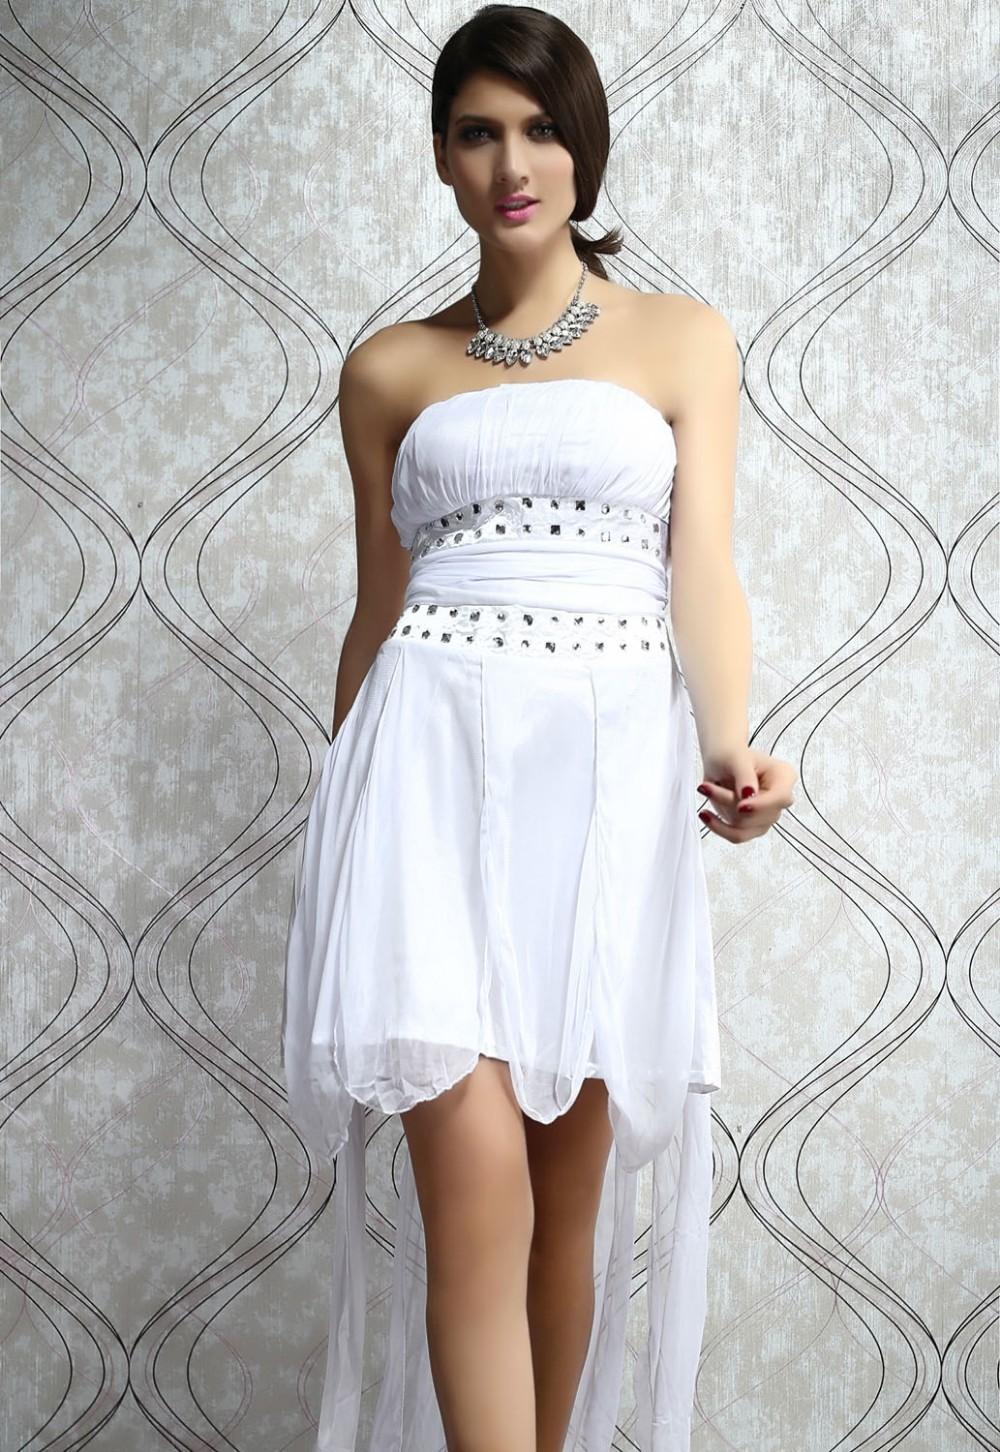 Секс в белых платьях 24 фотография